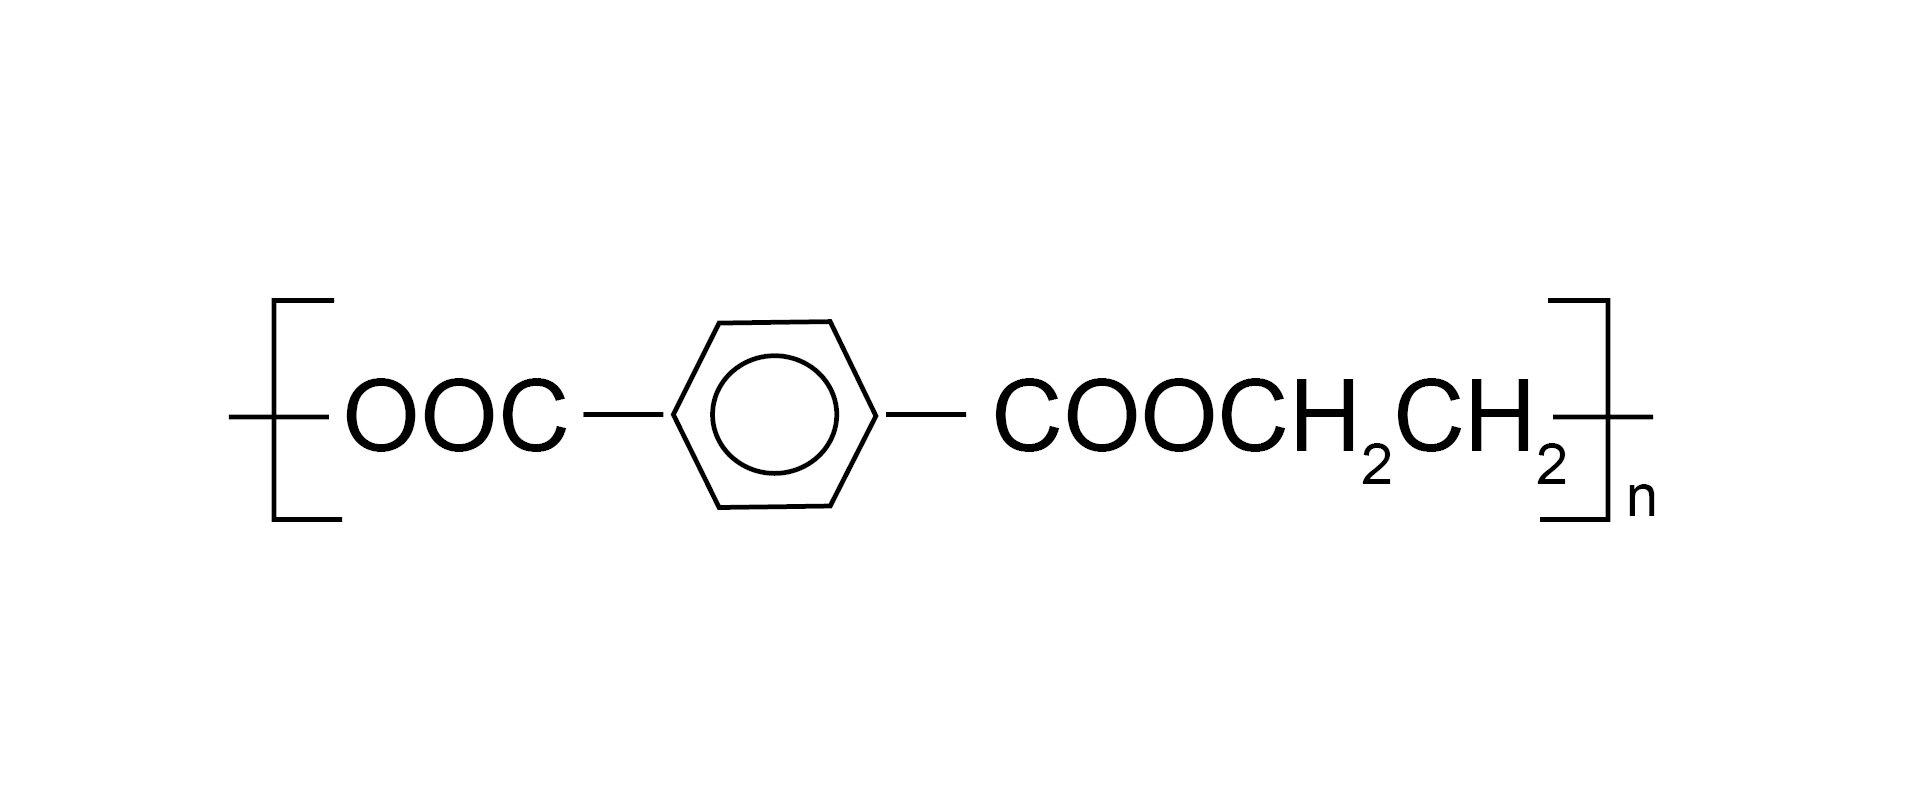 Ilustracja pokazuje wzór sumaryczny politereftalanu etylenu.